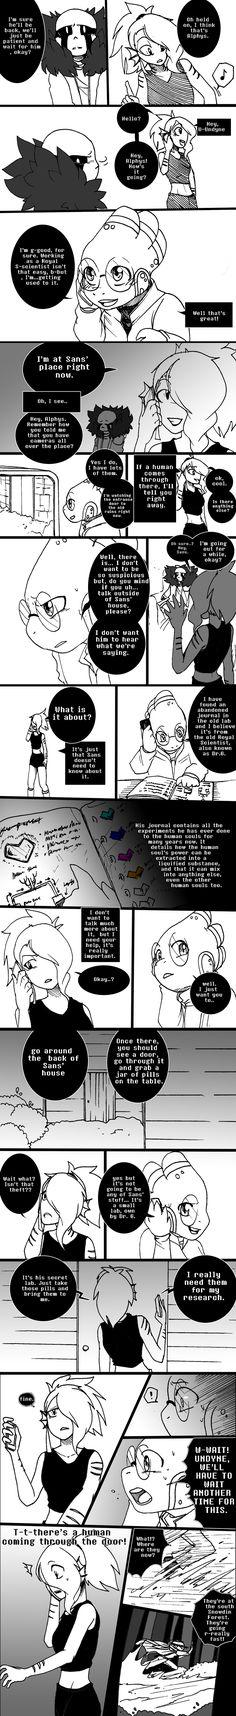 Anamnesis Part 3 - Pg 16-20 by GolzyBlazey on DeviantArt